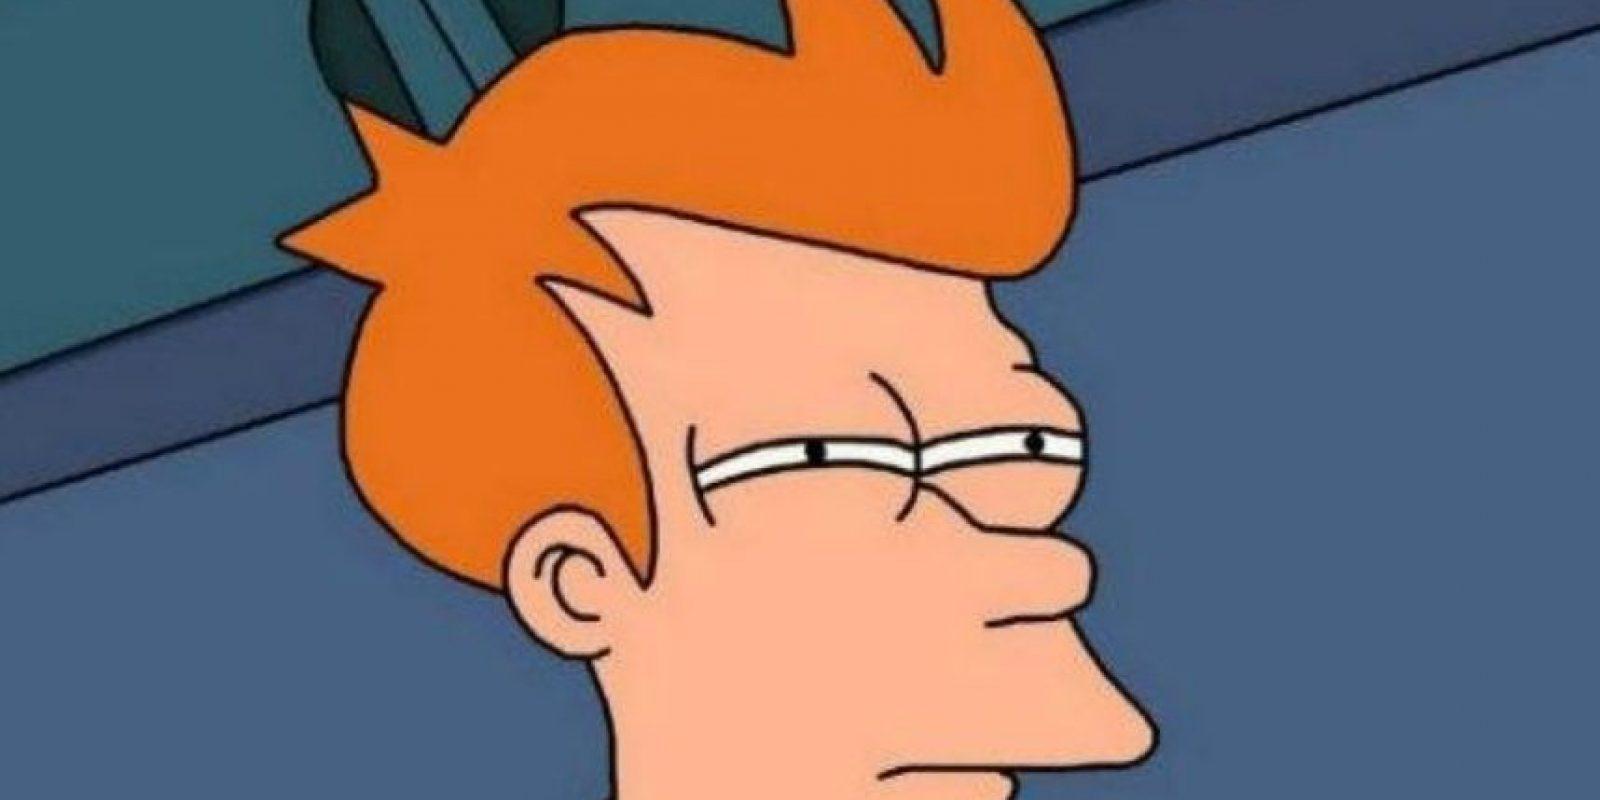 Este meme de Fry se usa para dudar de la veracidad de cierta publicación. Foto:Meme Generator